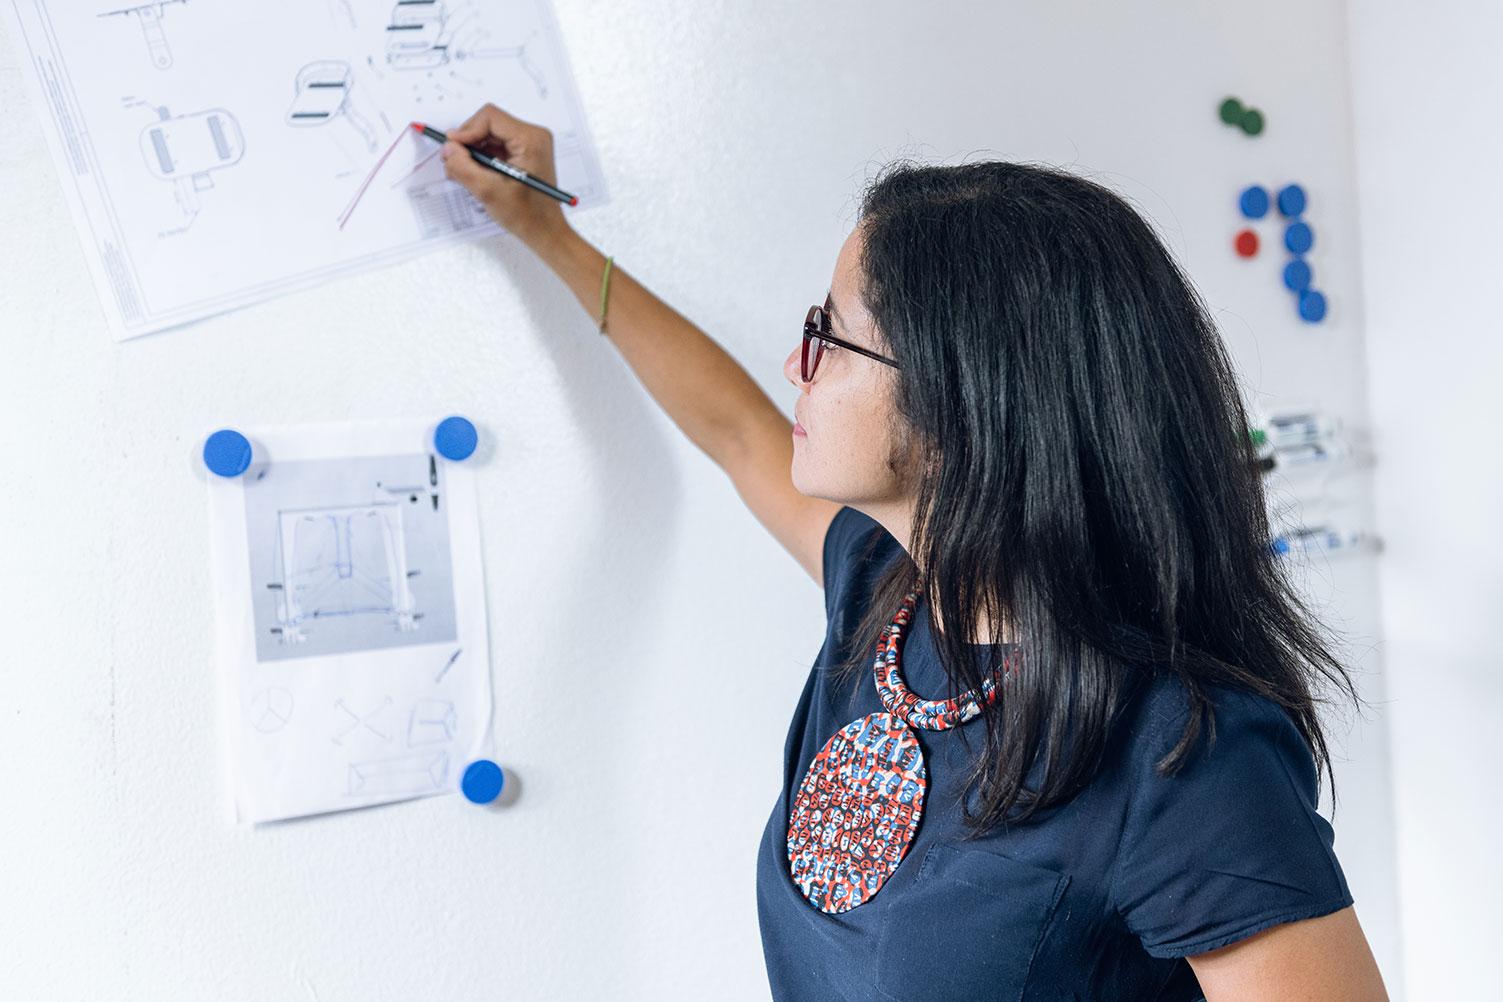 Designerin markiert etwas mit einem Stift an einem Whiteboard